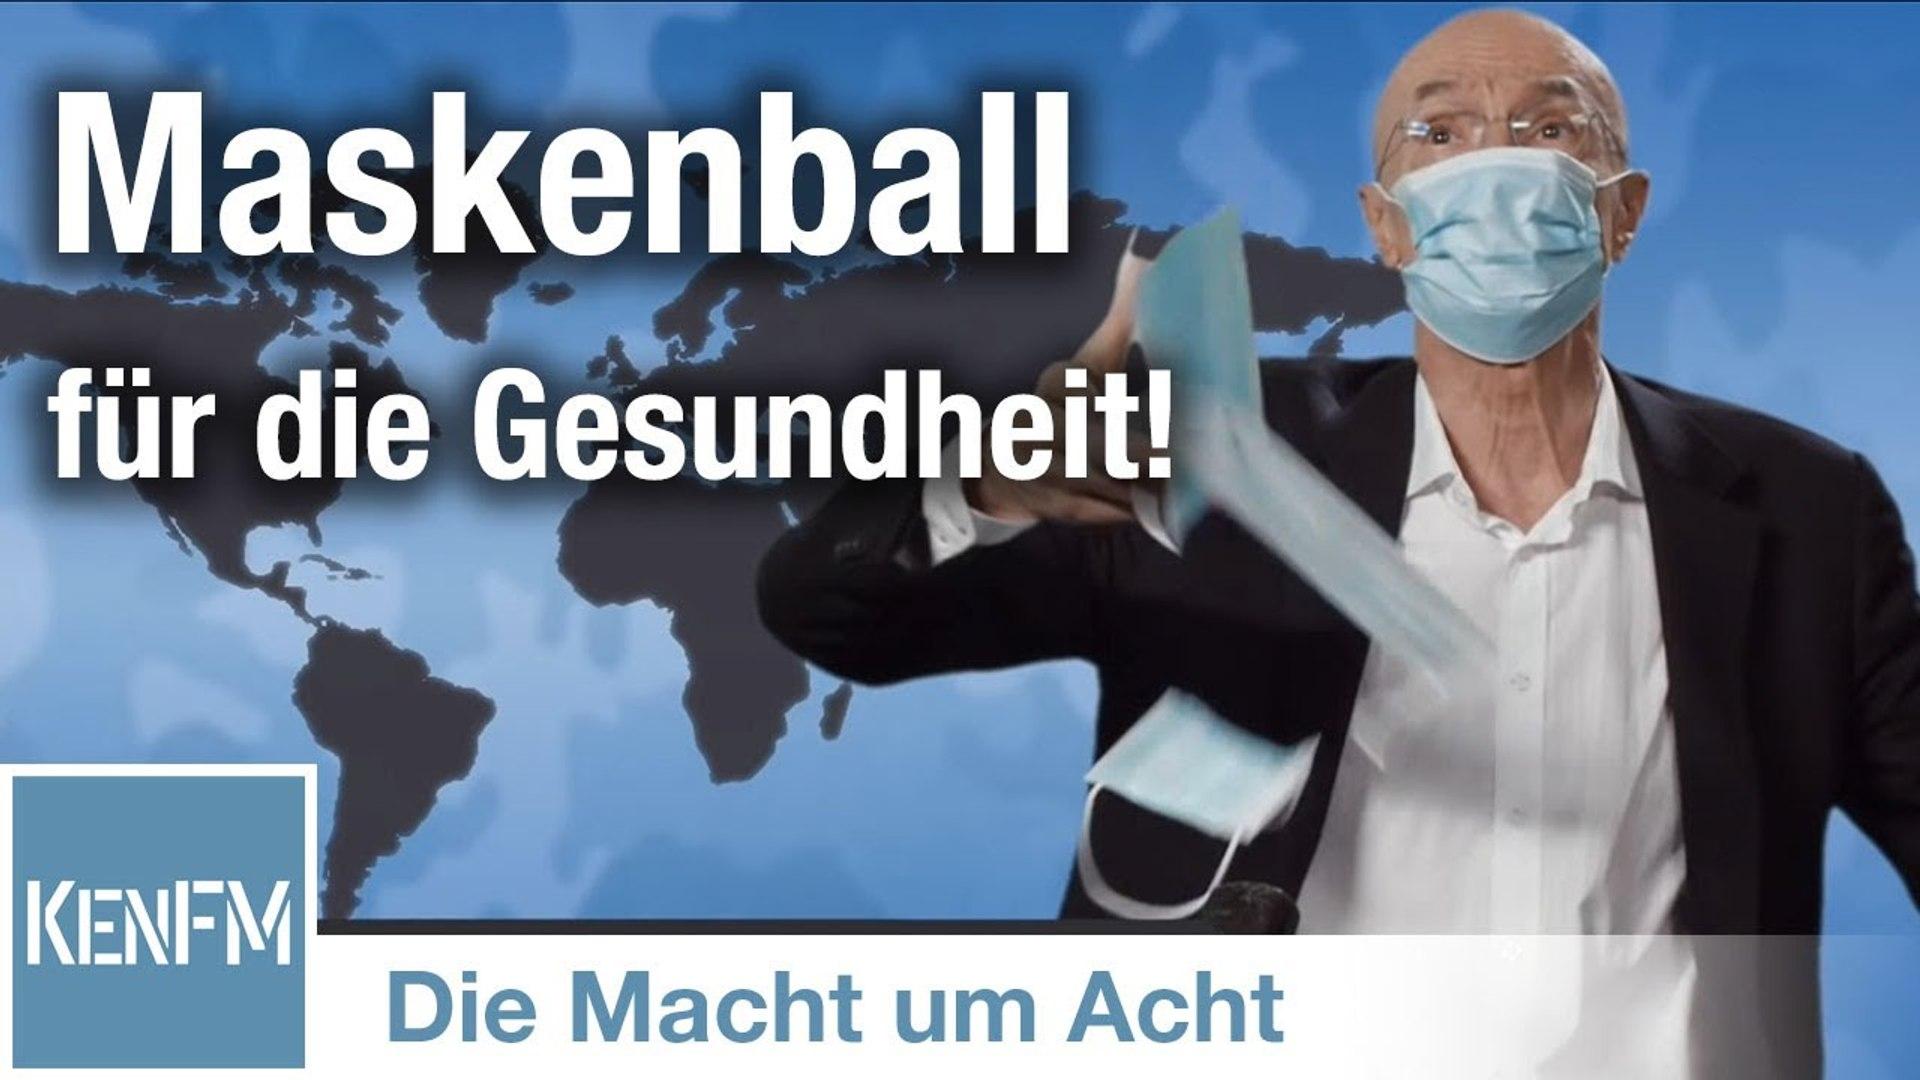 """Die Macht um Acht (51) """"Maskenball für die Gesundheit!"""""""